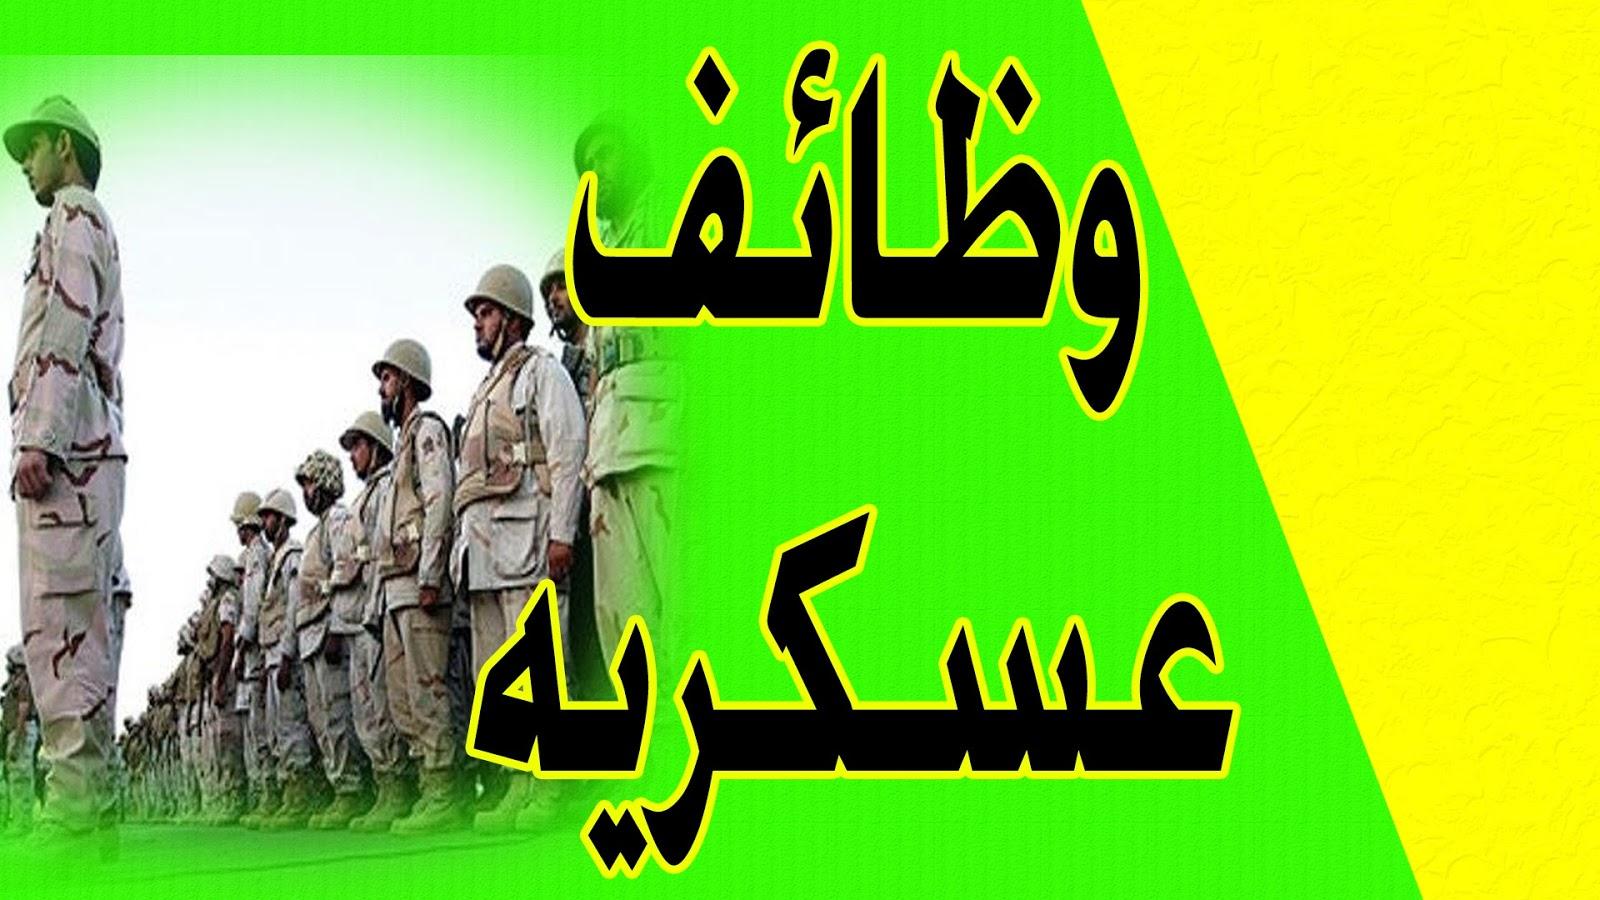 وظائف عسكريه 1437 - Arabic News Collections